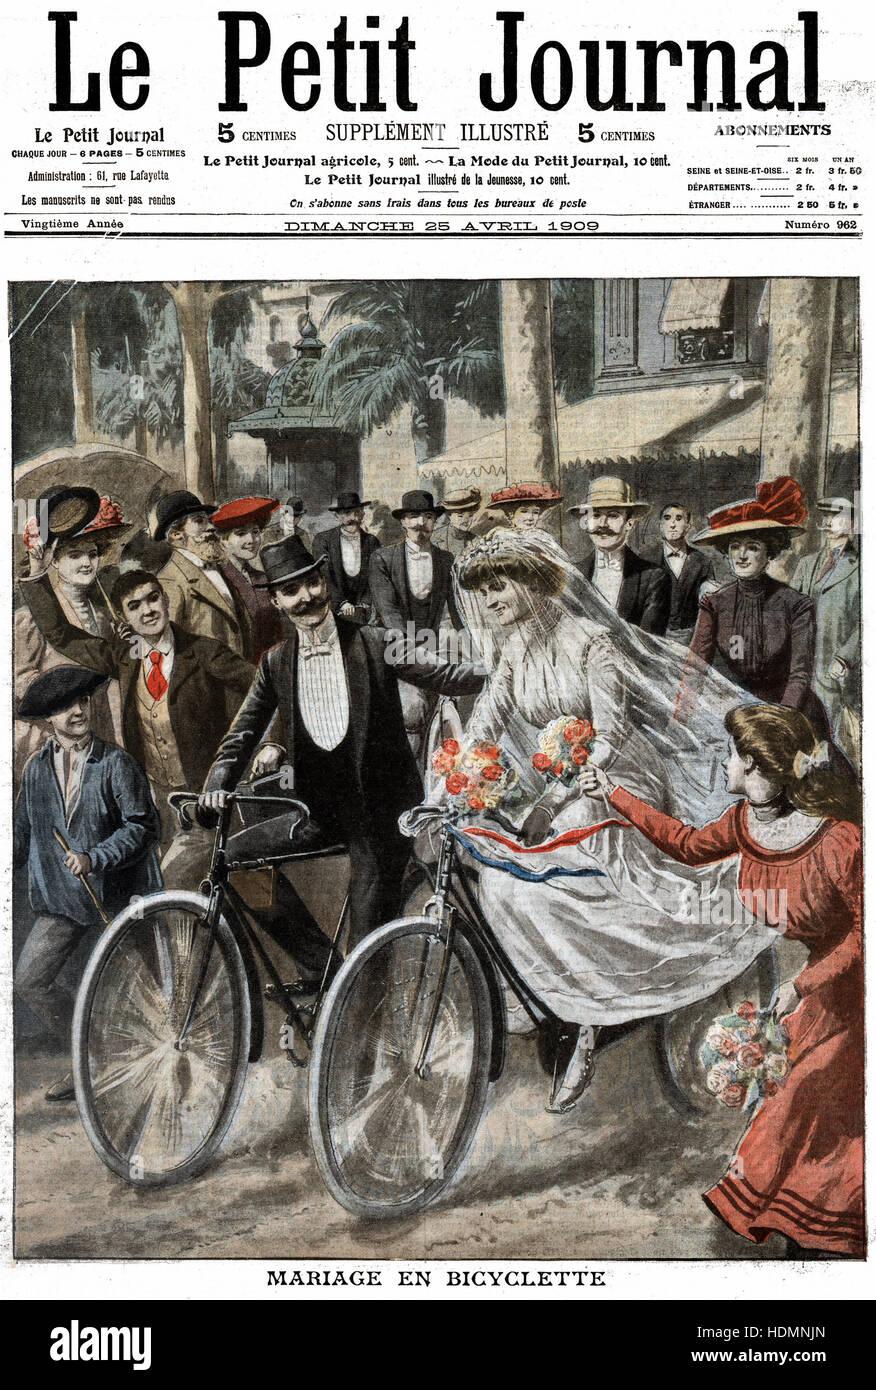 'Le Petit Journal' Paris April 1909 - Wedding party on bicycles - Stock Image